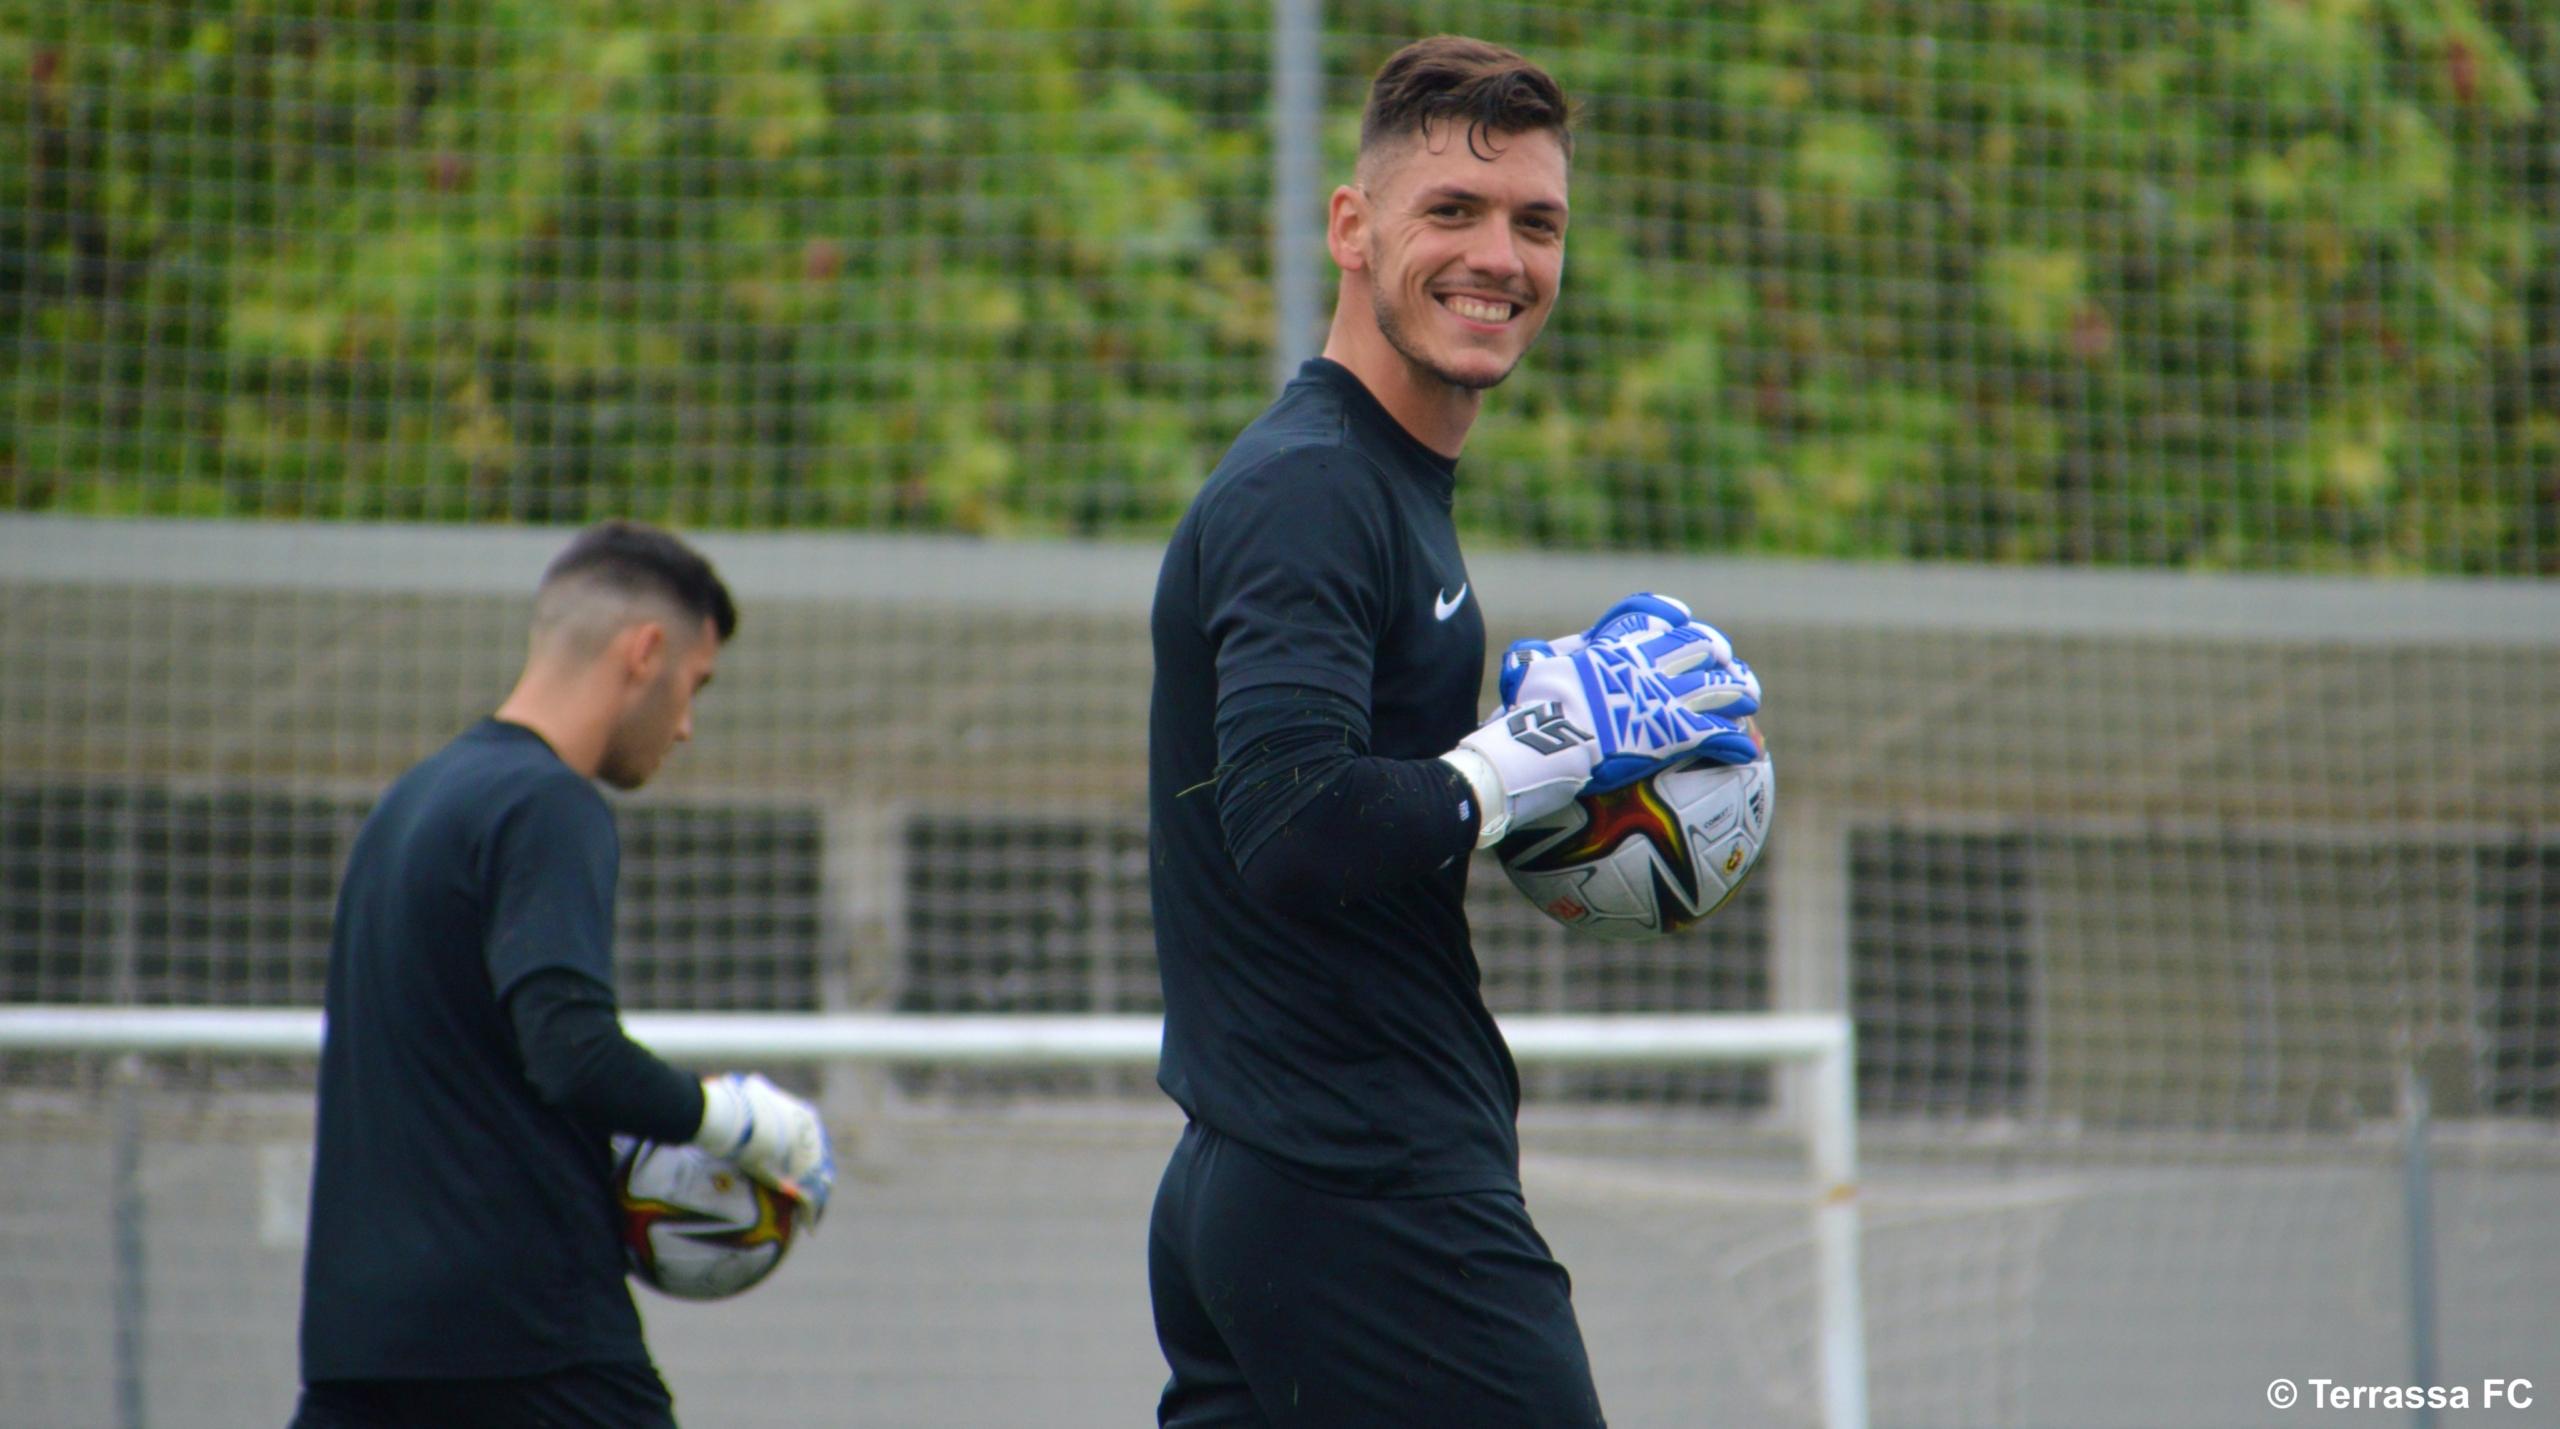 El porter Juanvi, nou reforç per al Terrassa FC | Terrassa FC